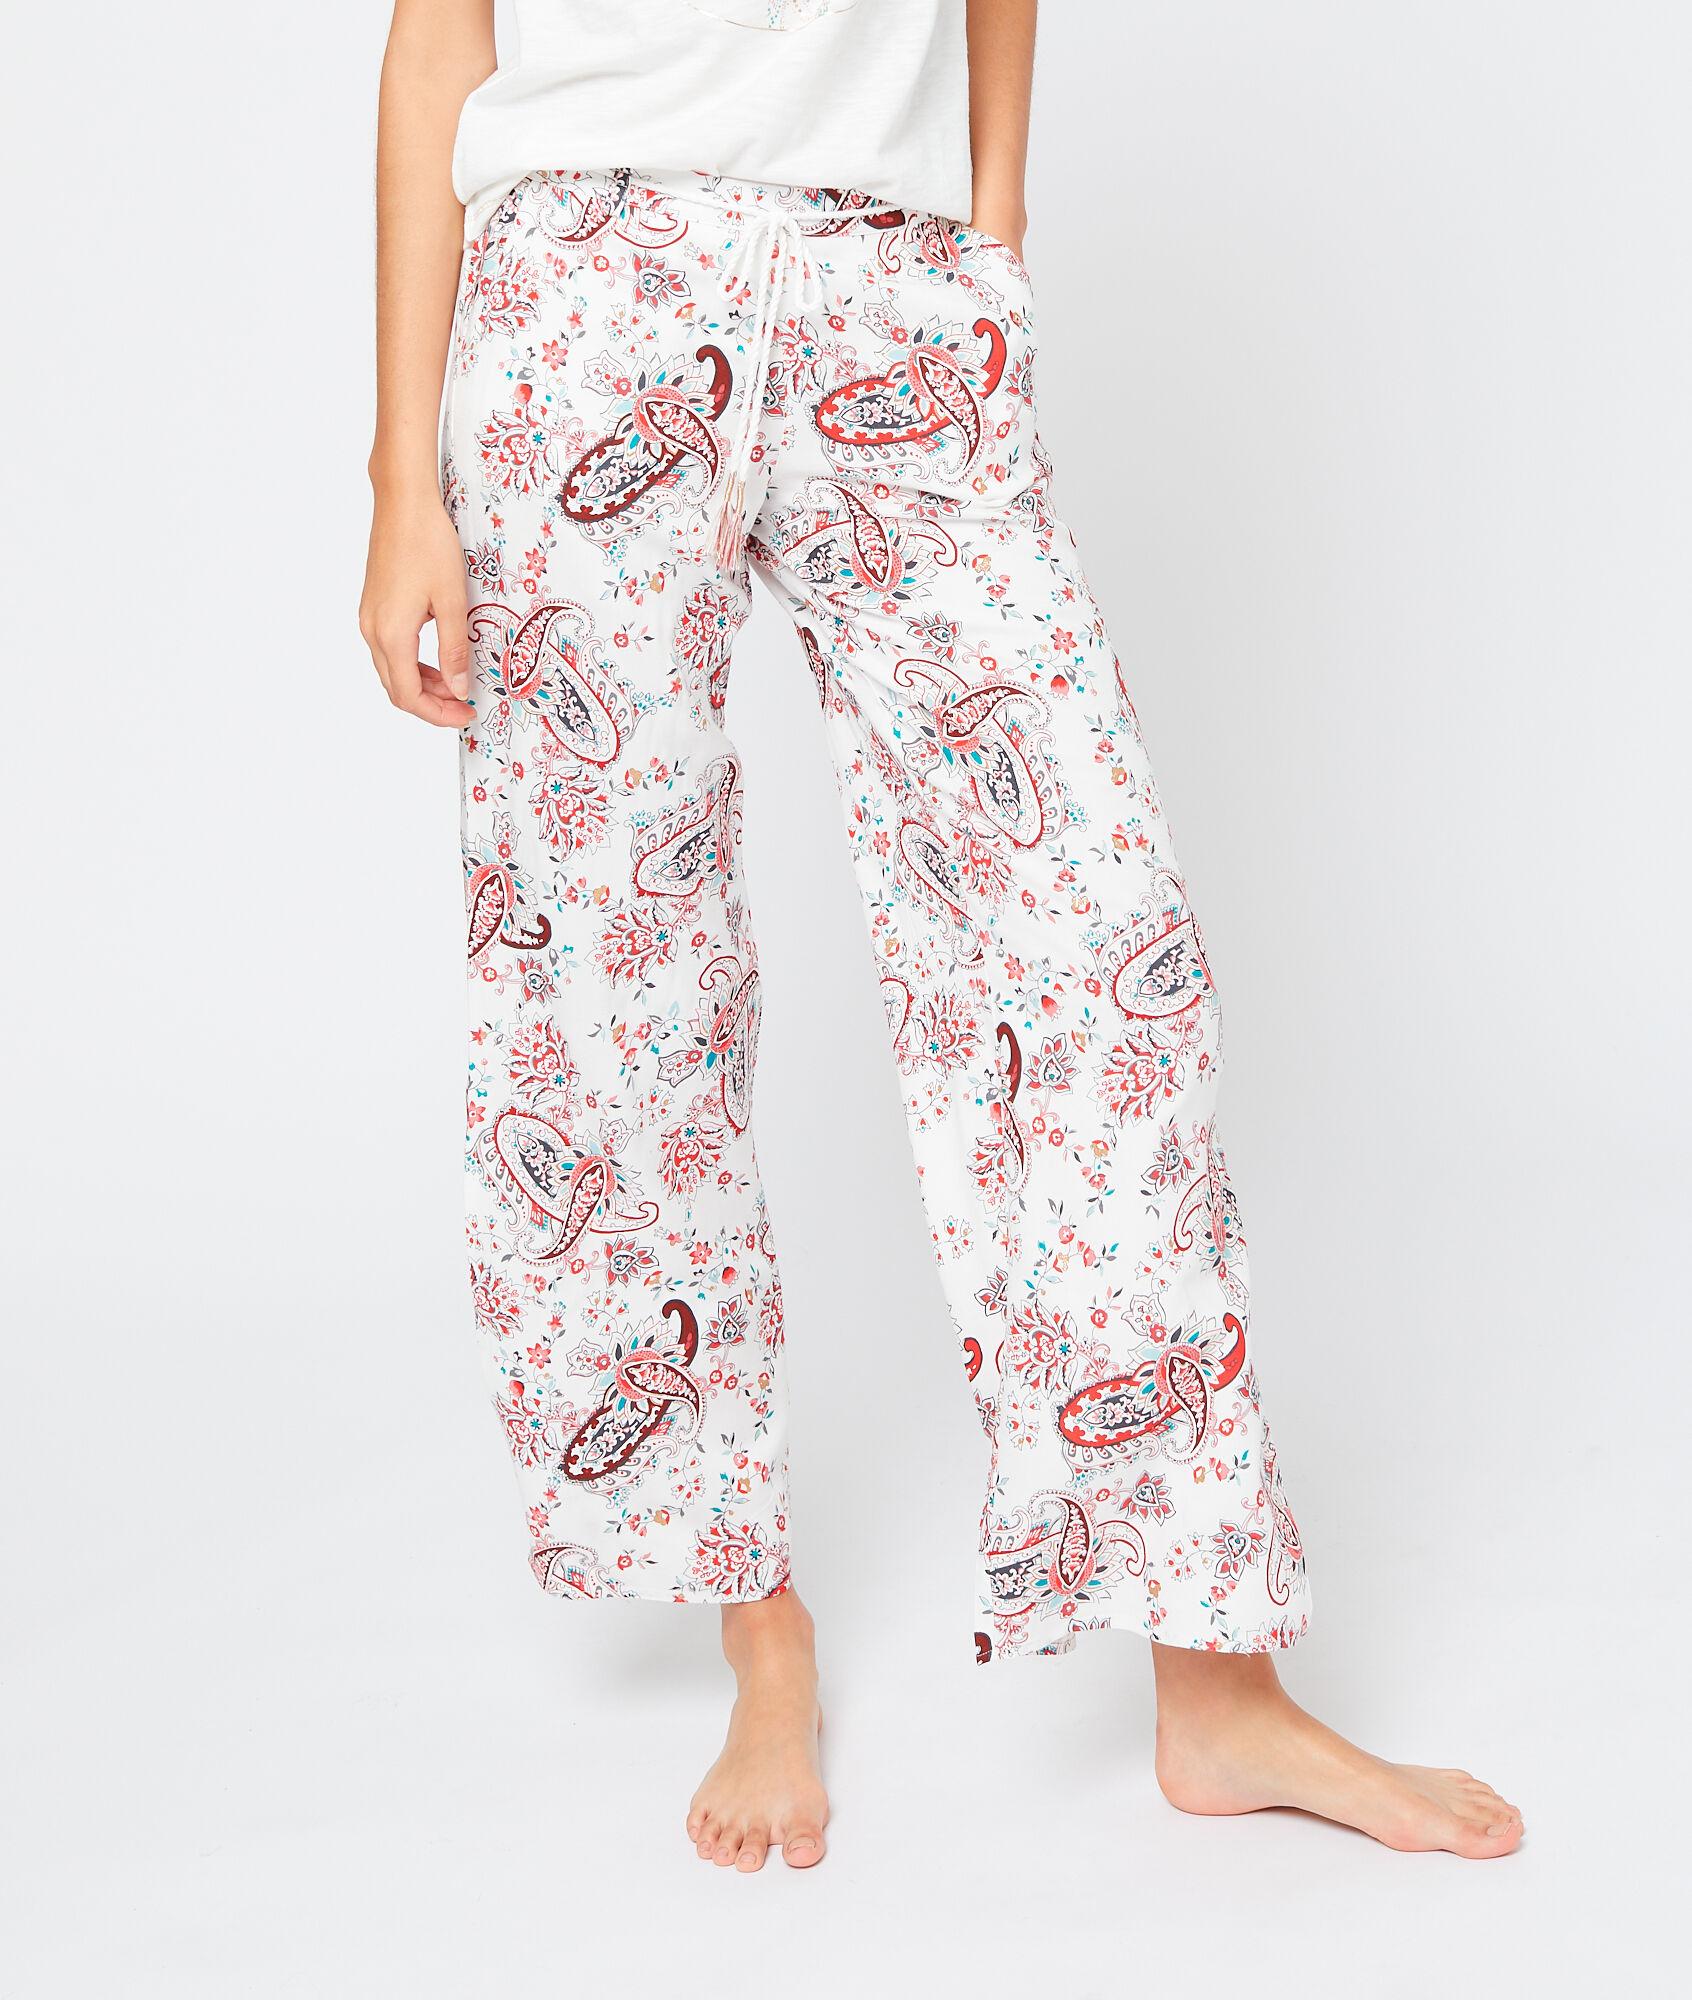 KENZA Spodnie w kaszmirowy deseń